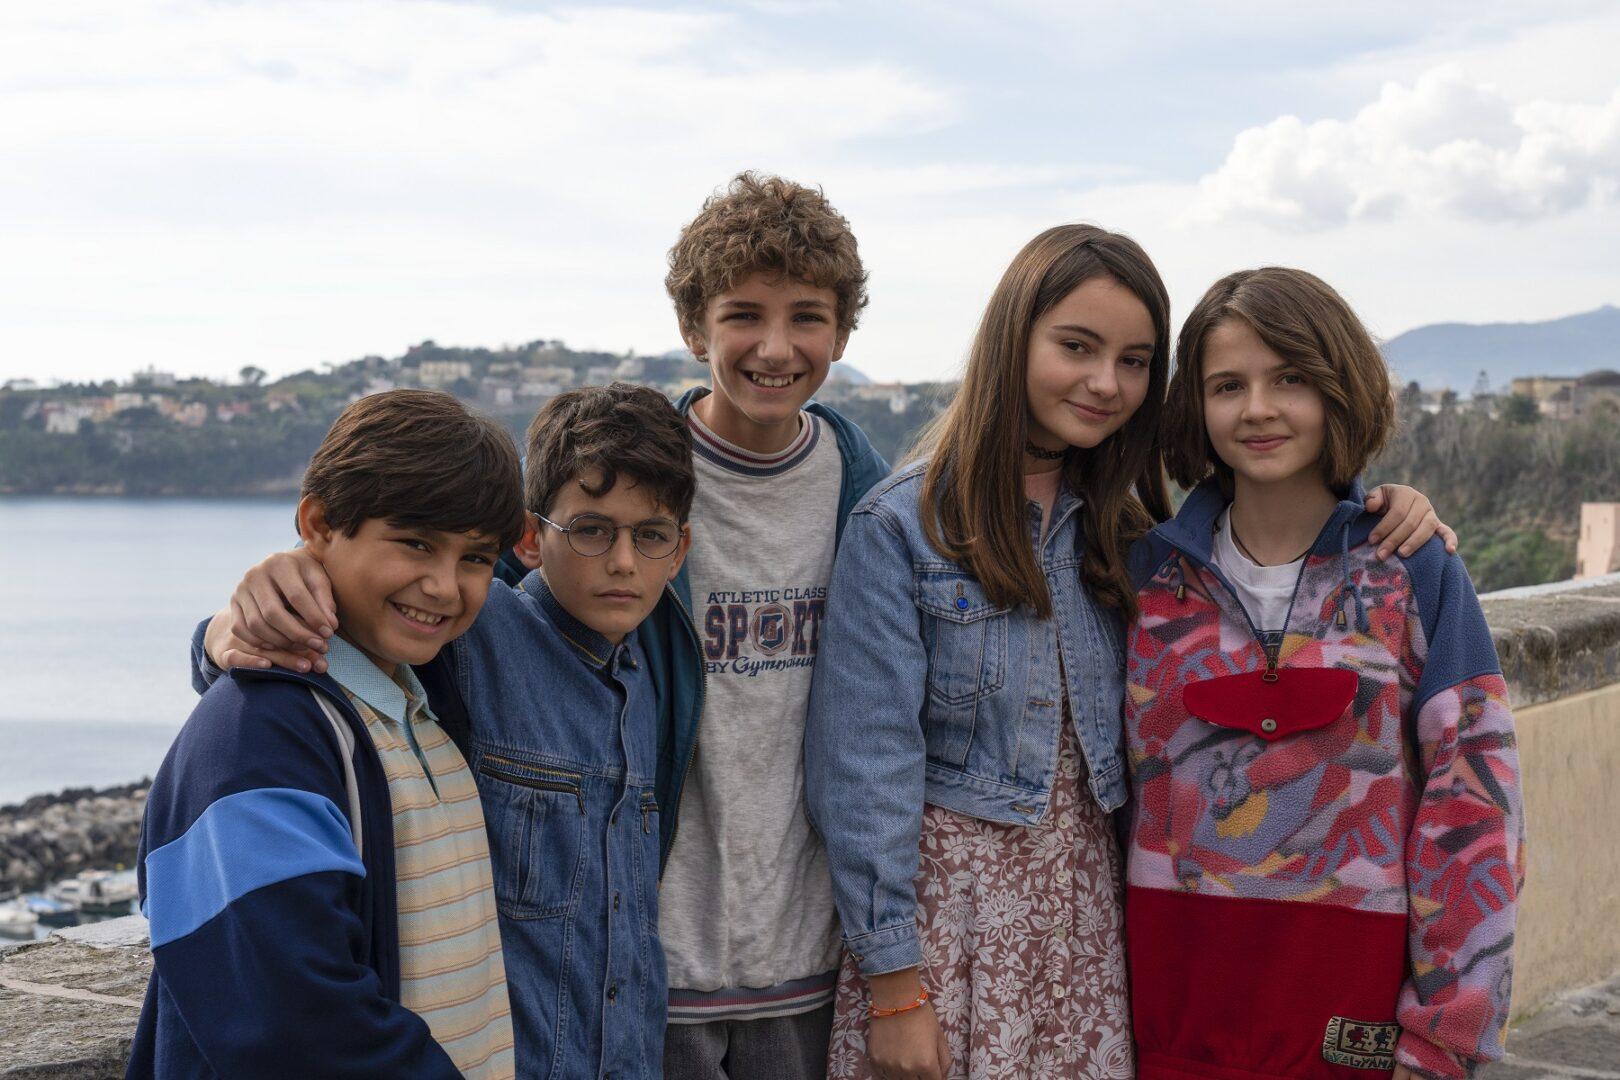 Generazione 56Krecensione serie TV Netflix di Francesco Ebbasta con Angelo Spagnoletti